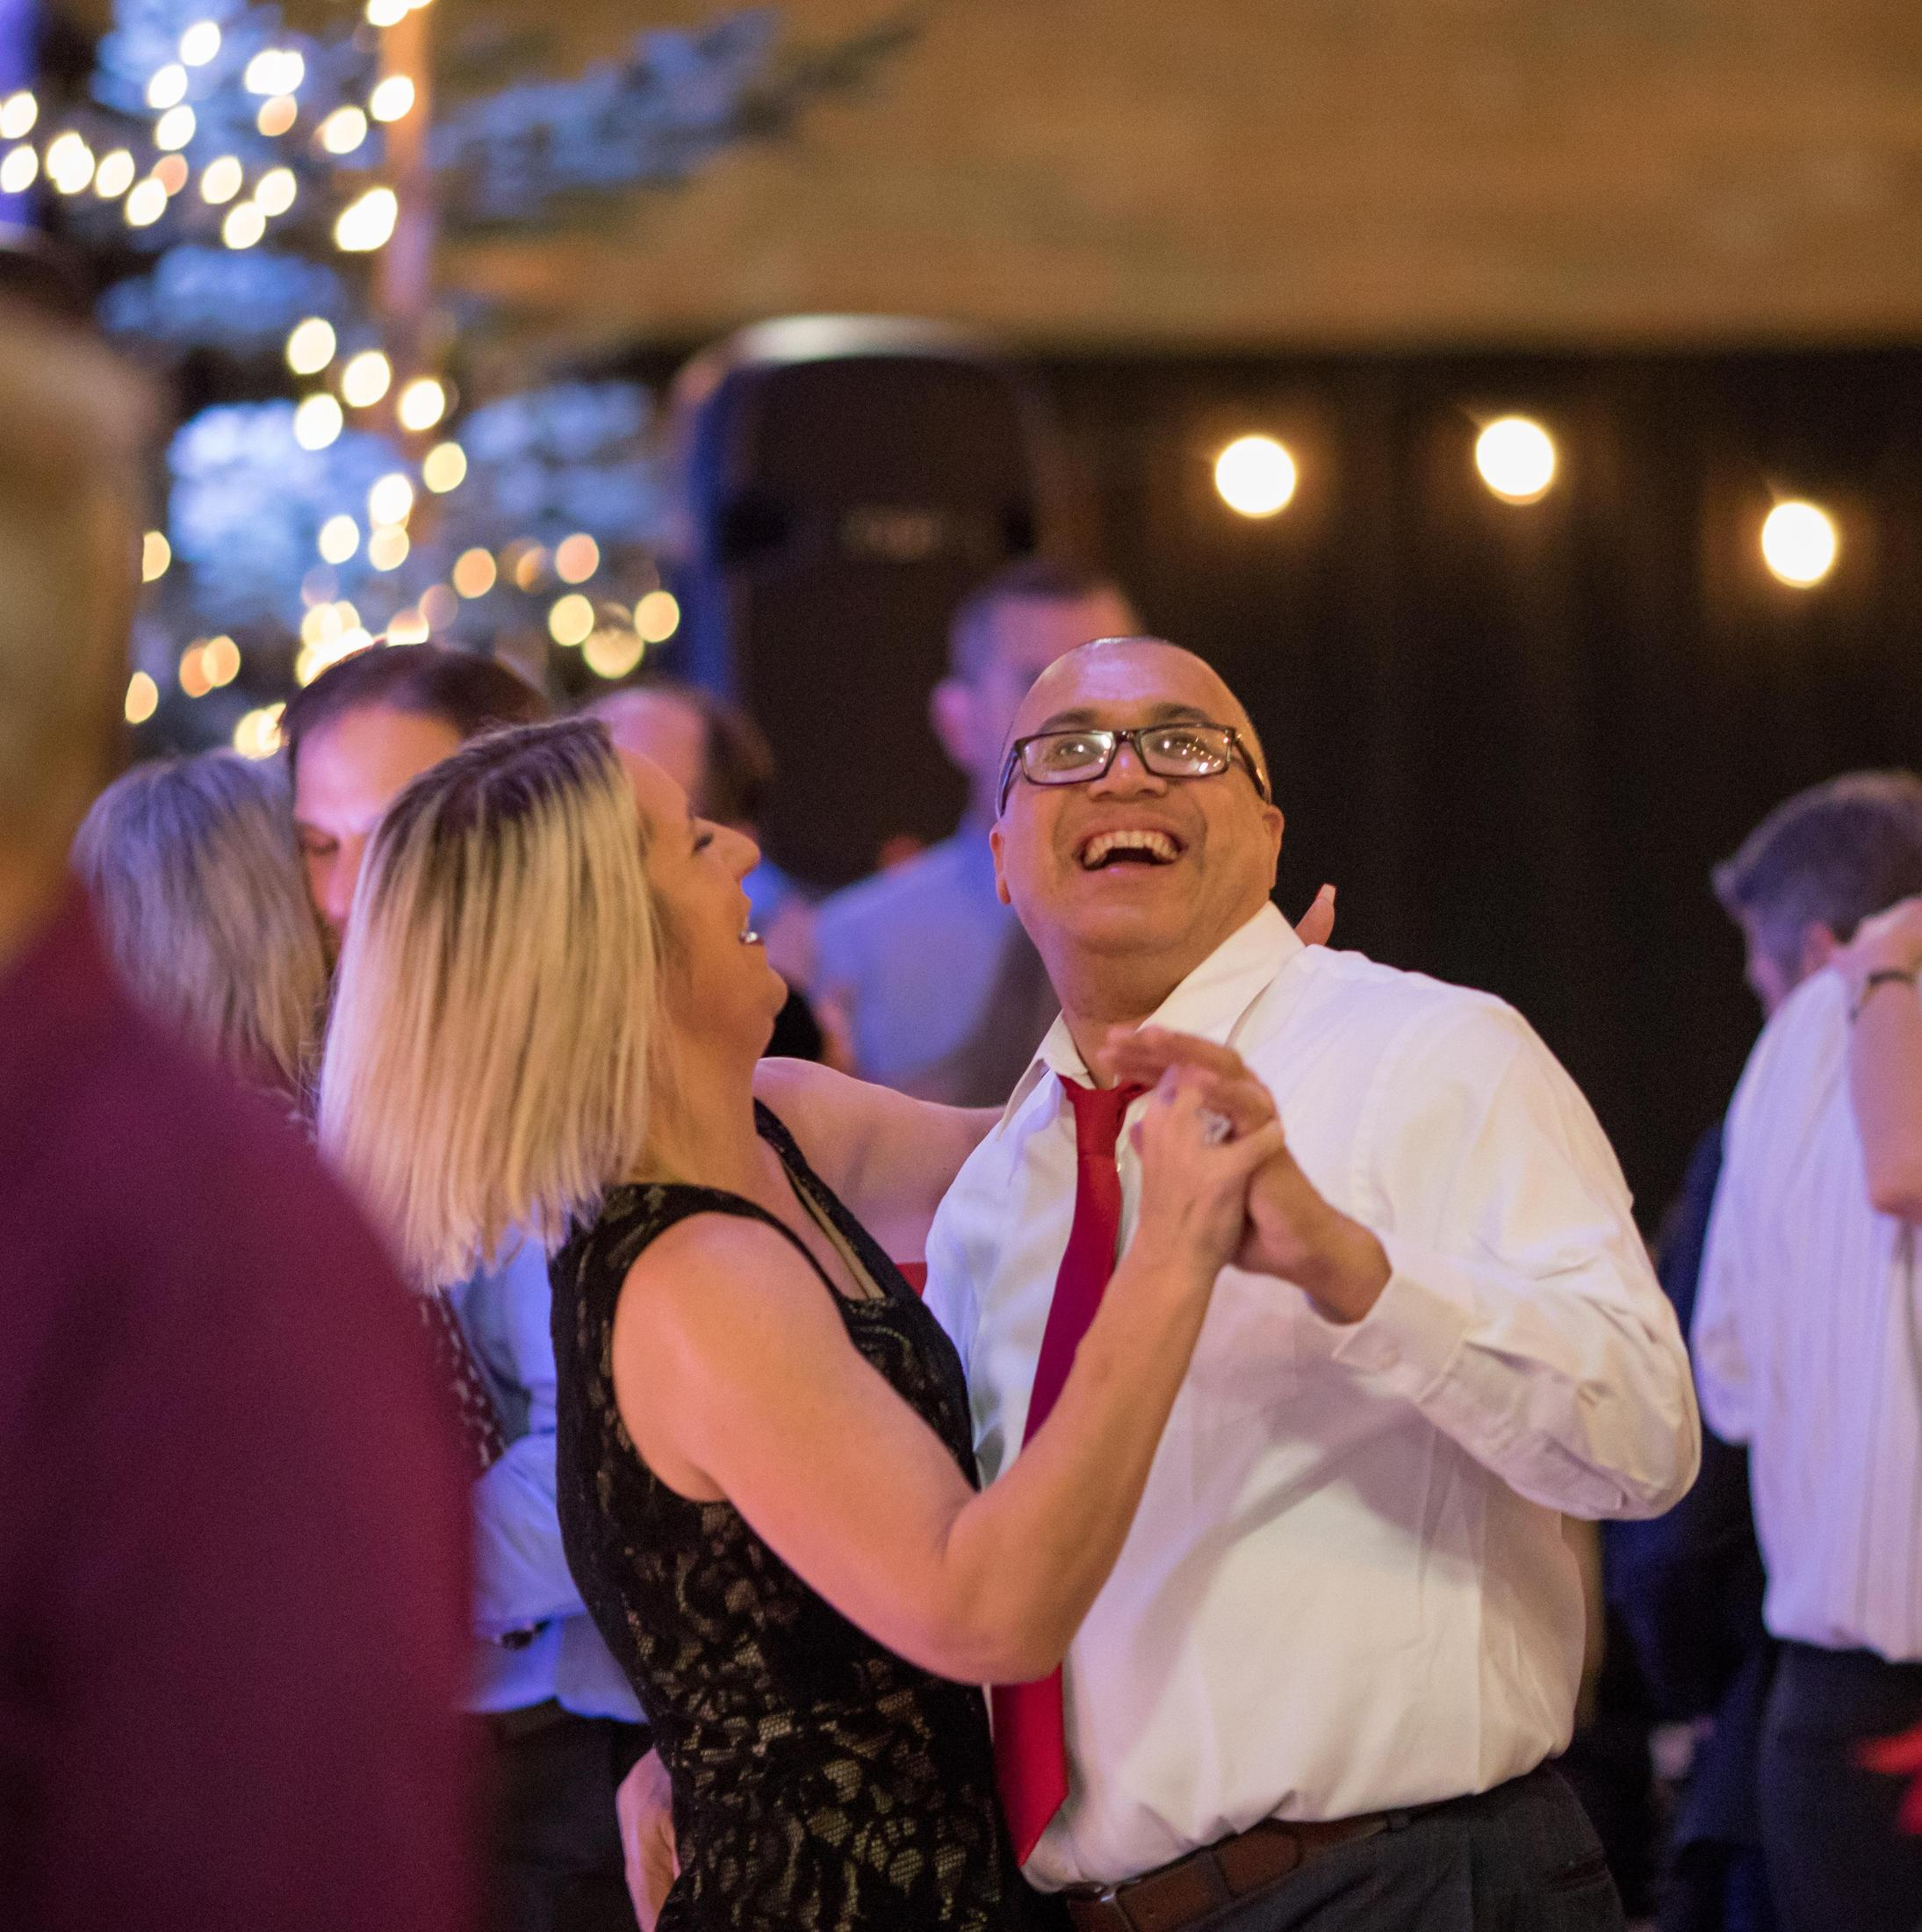 a couple dances on the dance floor